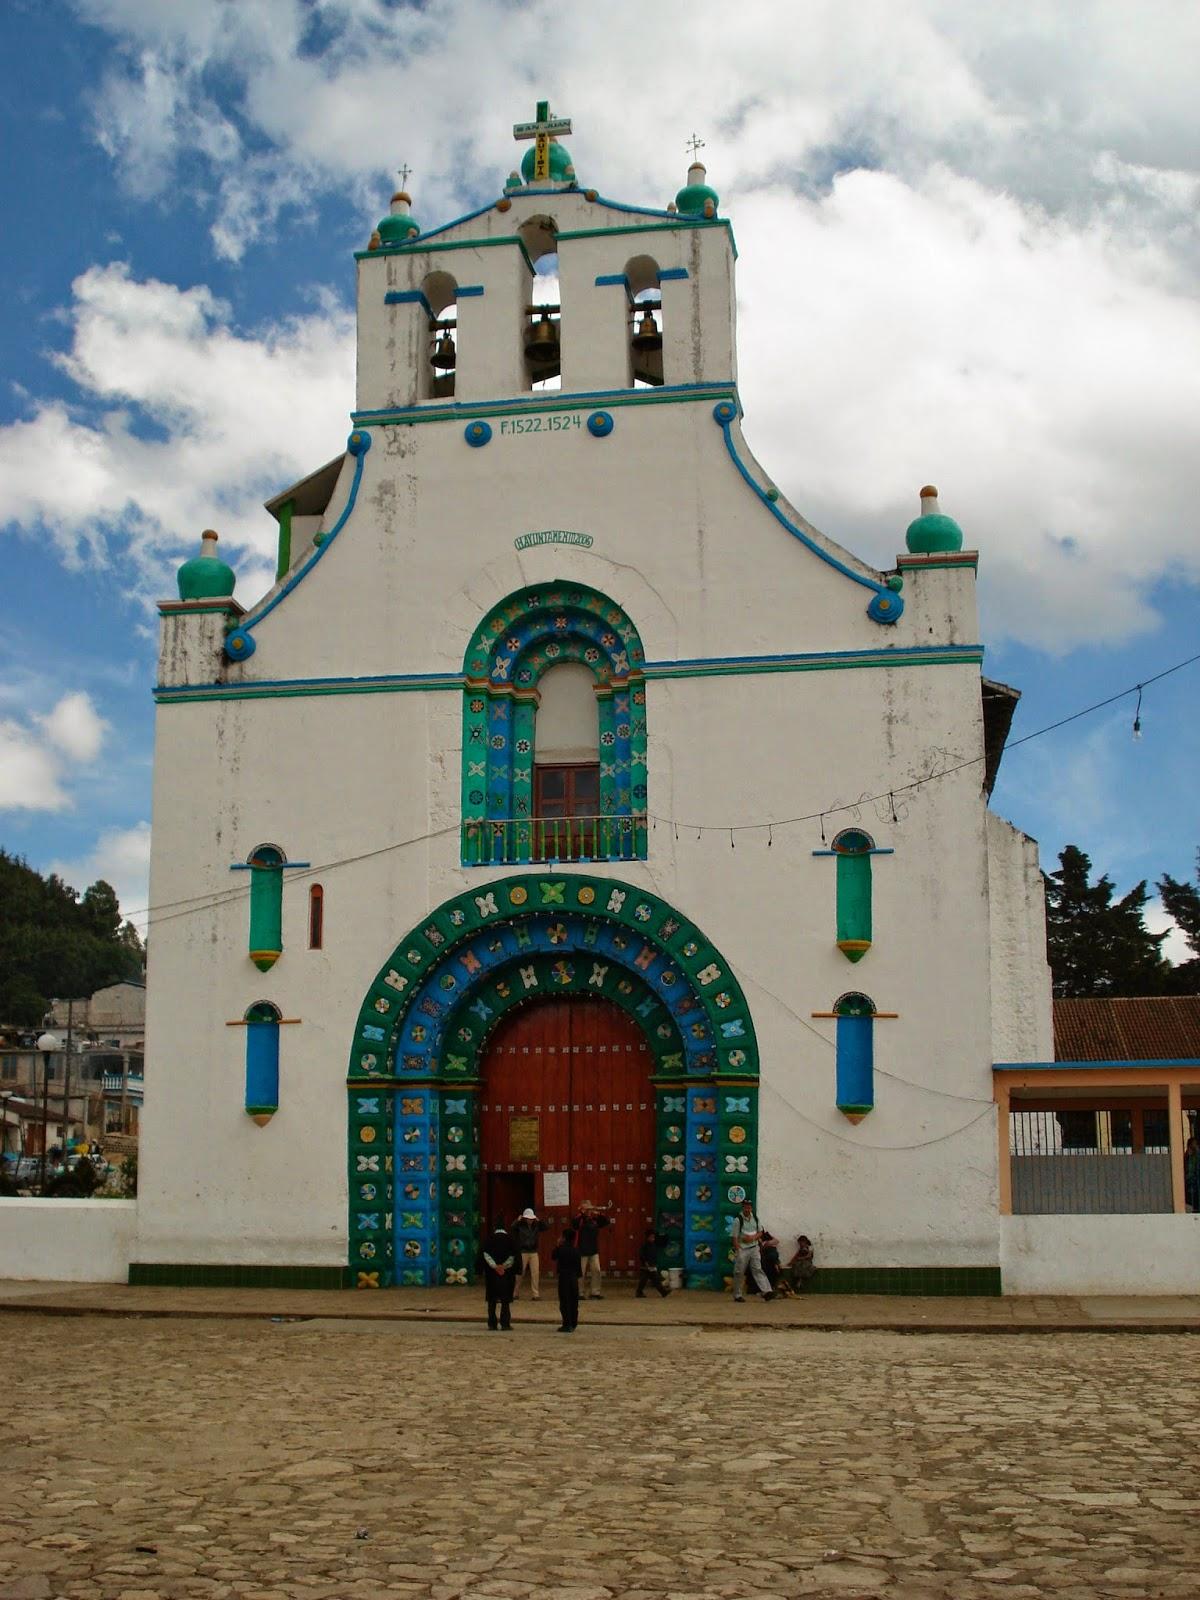 Lugares del mundo con encanto mexico con encanto mexico - Lugares con encanto ...